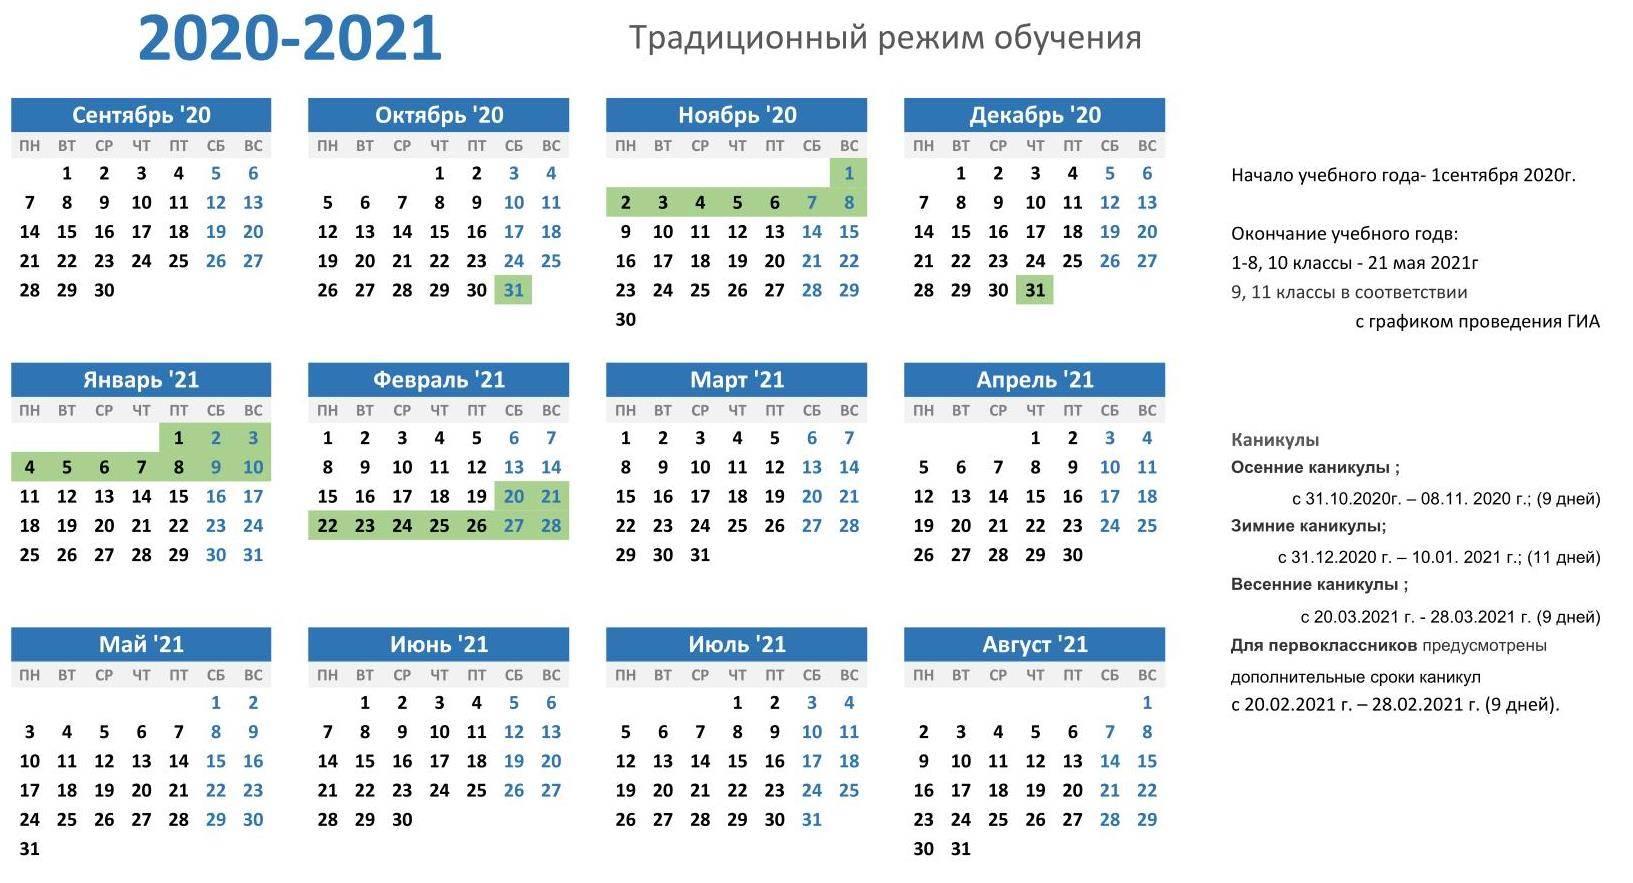 Школьные каникулы в 2020-2021 учебном году в россии   для школьников